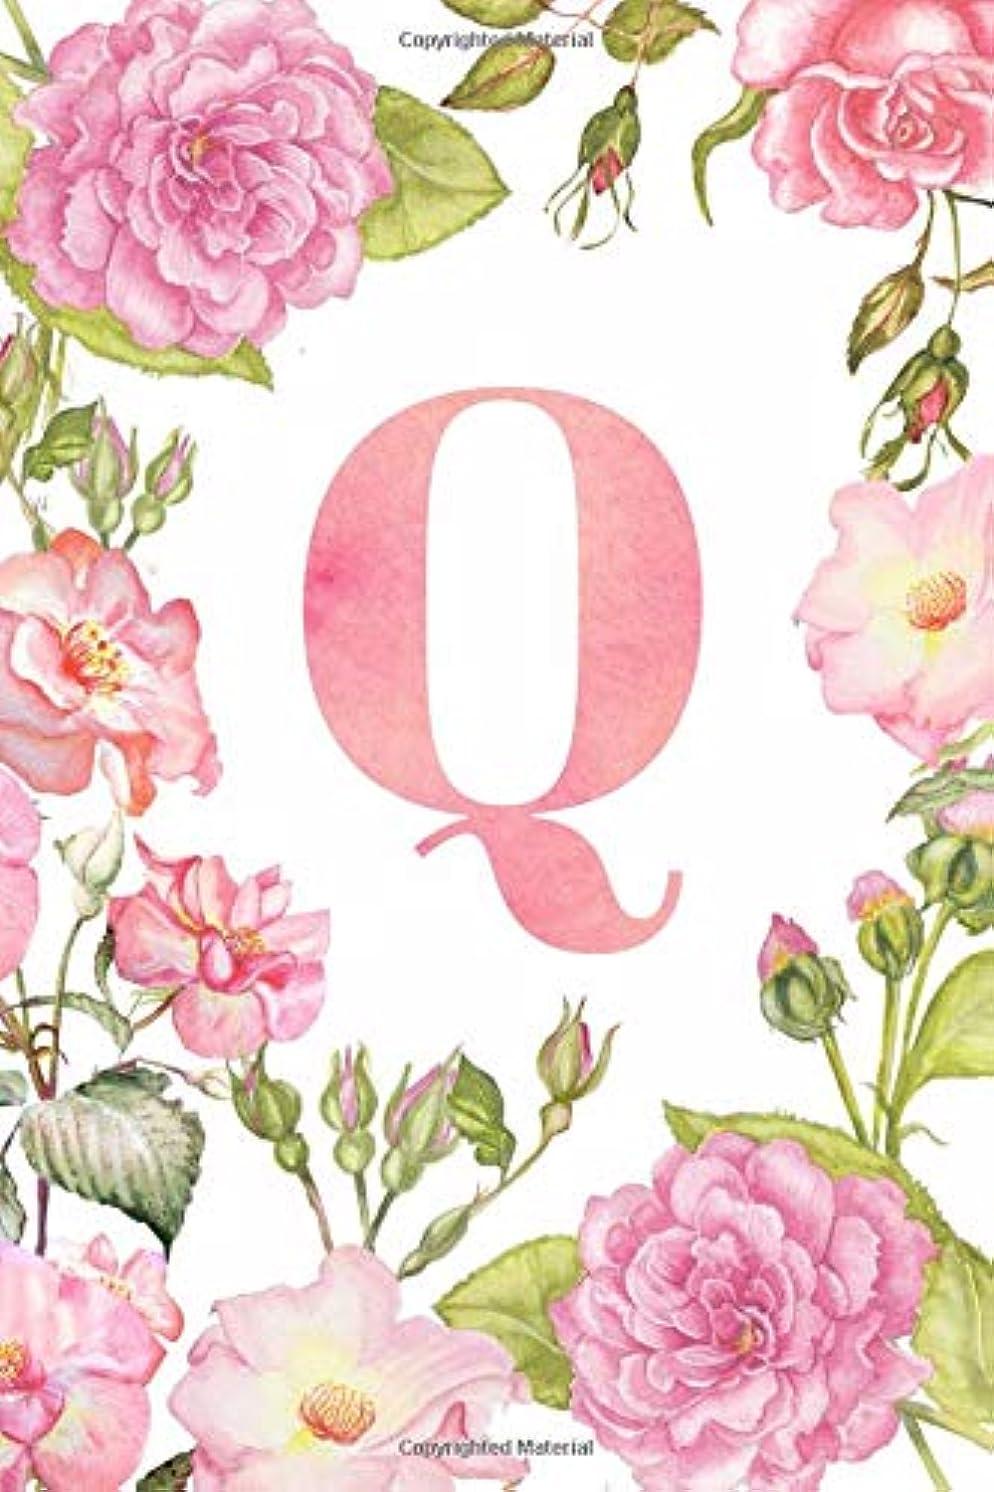 相対的気絶させる電話に出るQ: Monogram Initial Journal Notebook for Women and Girls Watercolor floral 6x9 120 dotted grid pages